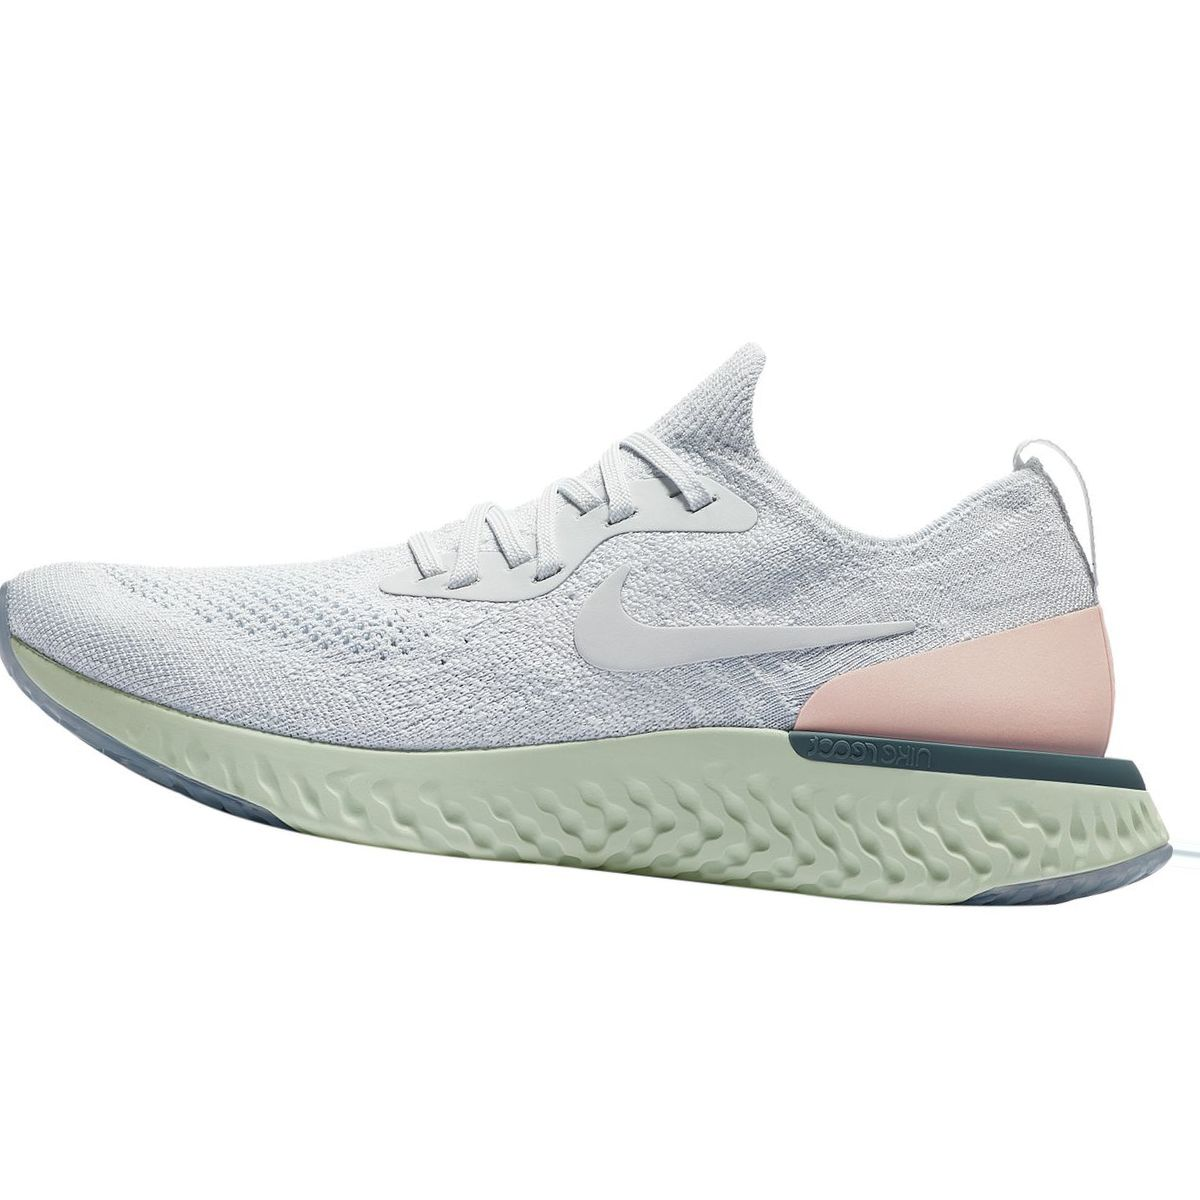 Nike Epic React Flyknit Running Shoe - Women's